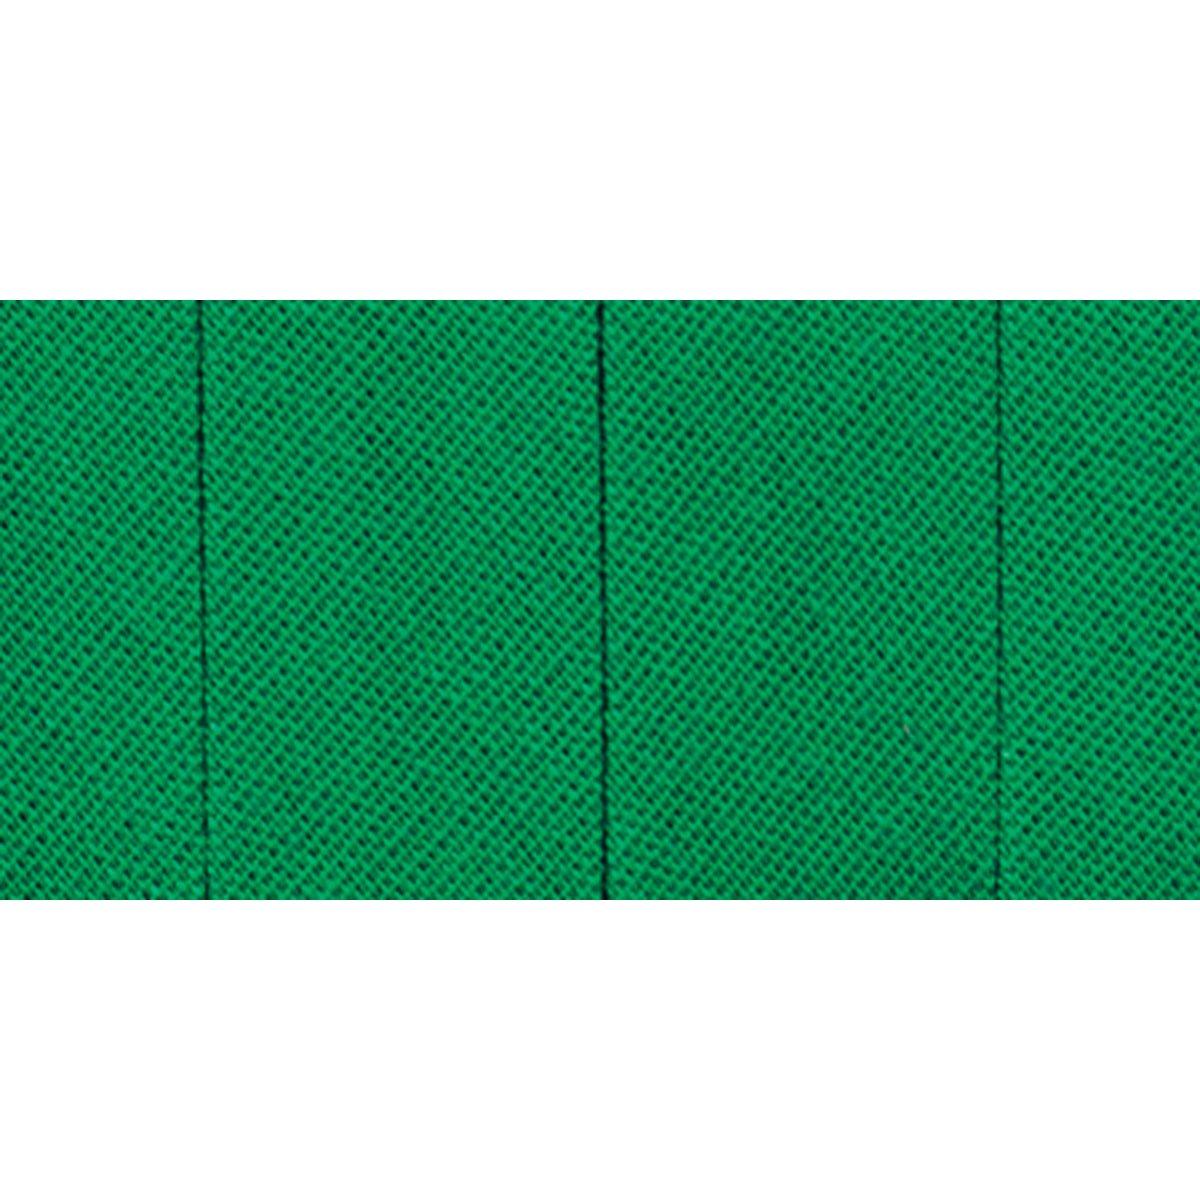 4-Yard Light Pink Wrights 117-200-303 Single Fold Bias Tape